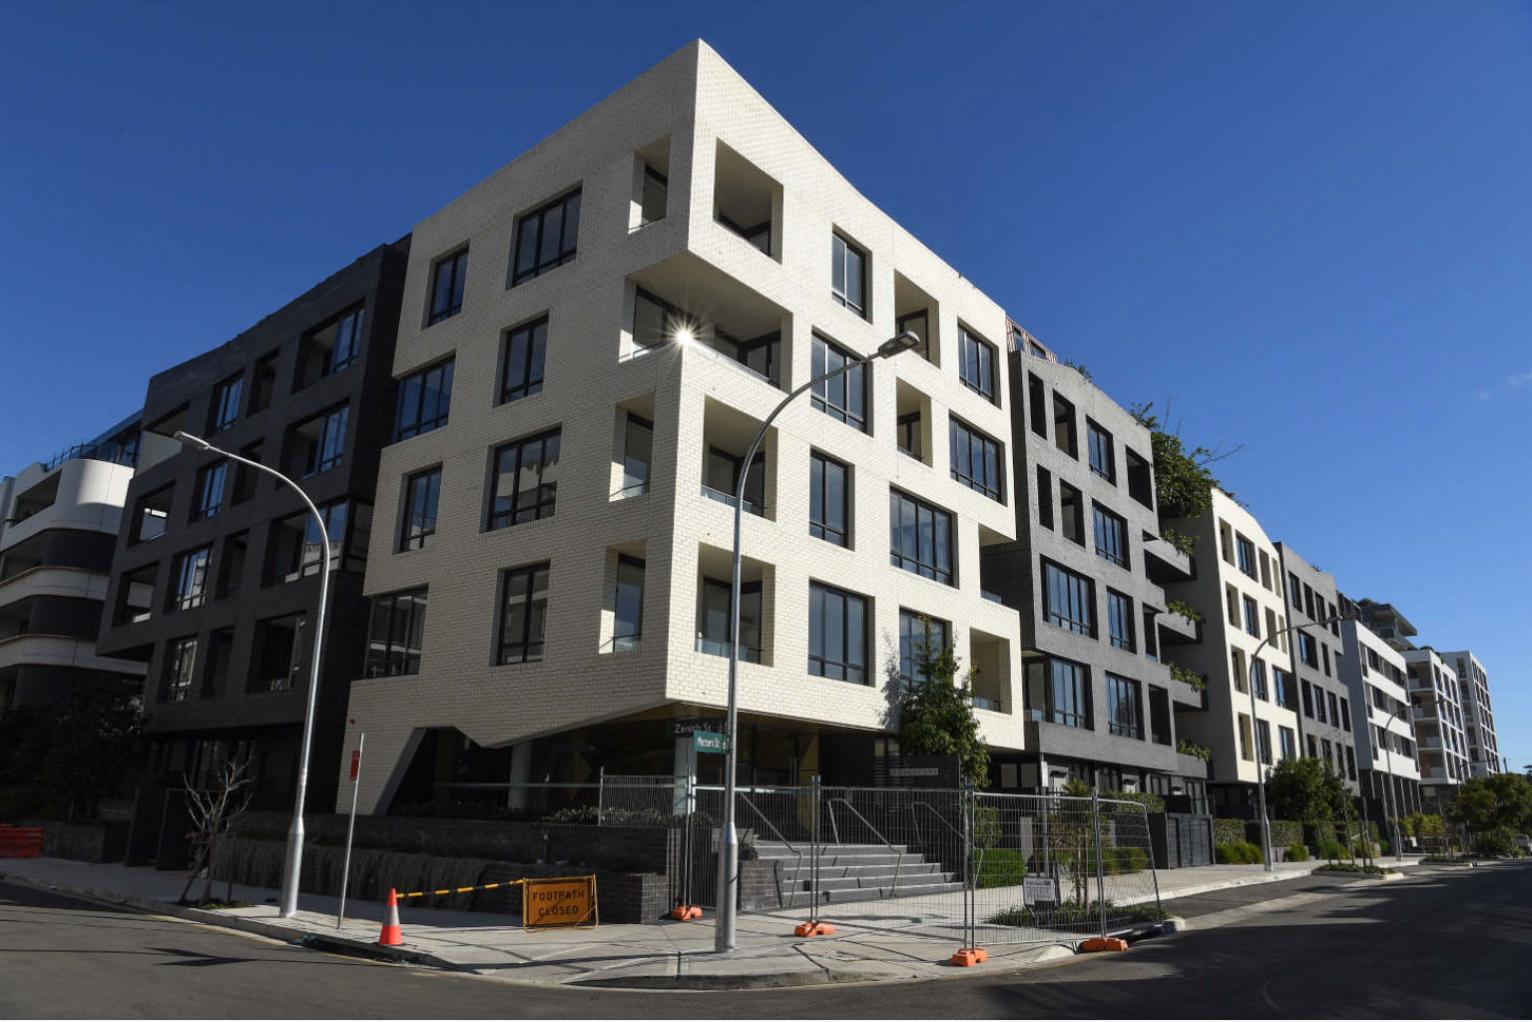 悉尼第四栋公寓被禁止居住!土地有毒完工一年后仍是鬼城!